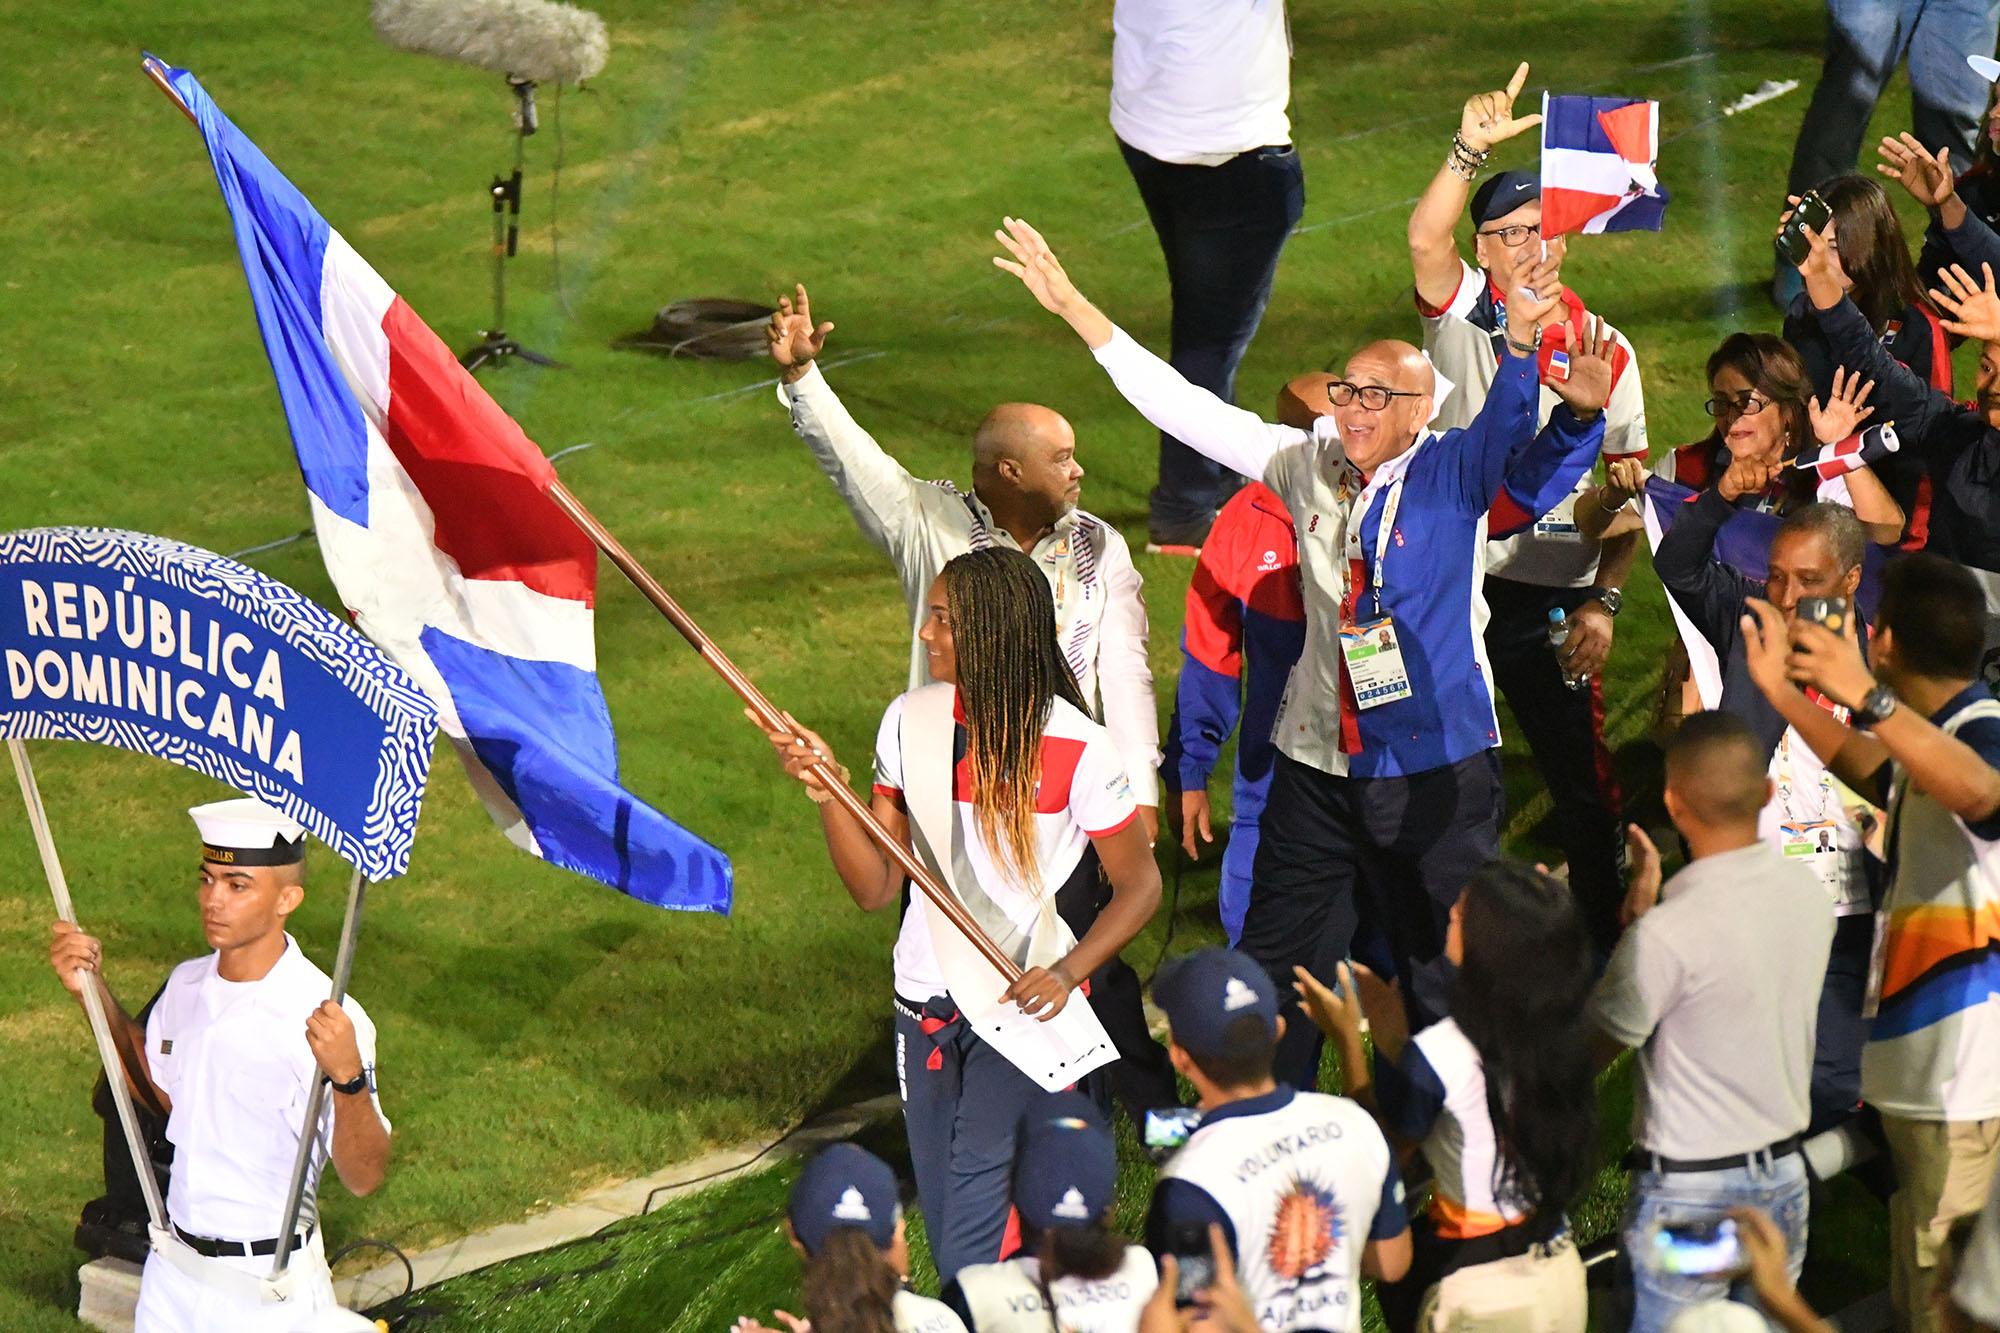 Delegación RD desfila en vistosa ceremonia Juegos Bolivarianos